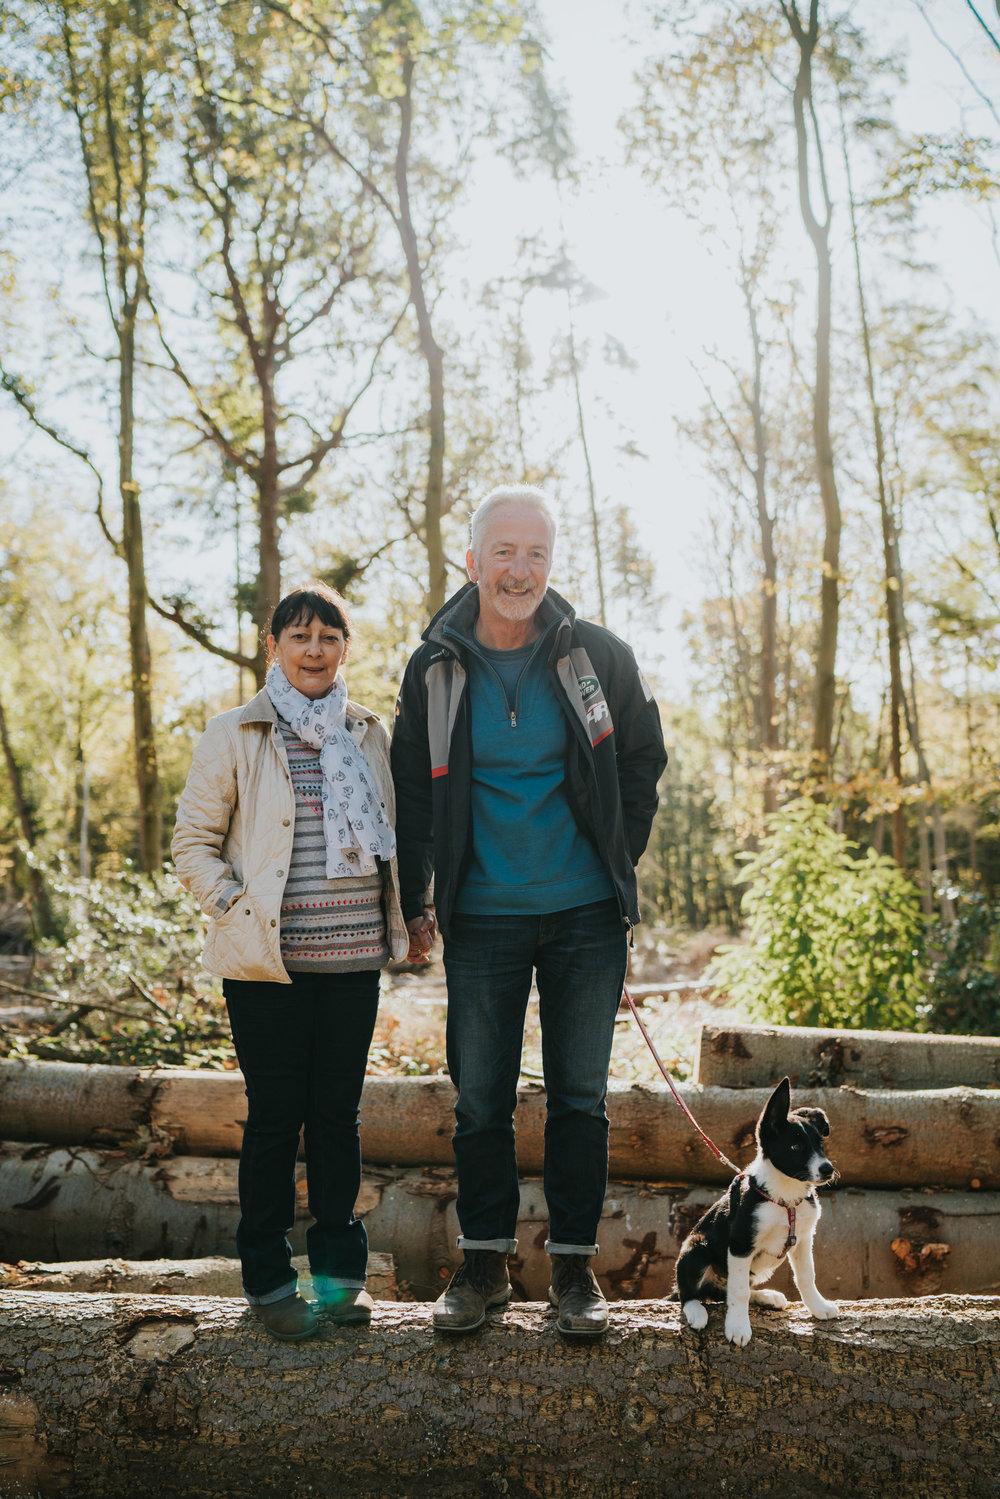 dow-woodland-family-session-colchester-essex-grace-elizabeth-colchester-essex-alternative-wedding-lifestyle-photographer-essex-suffolk-norfolk-devon (6 of 31).jpg